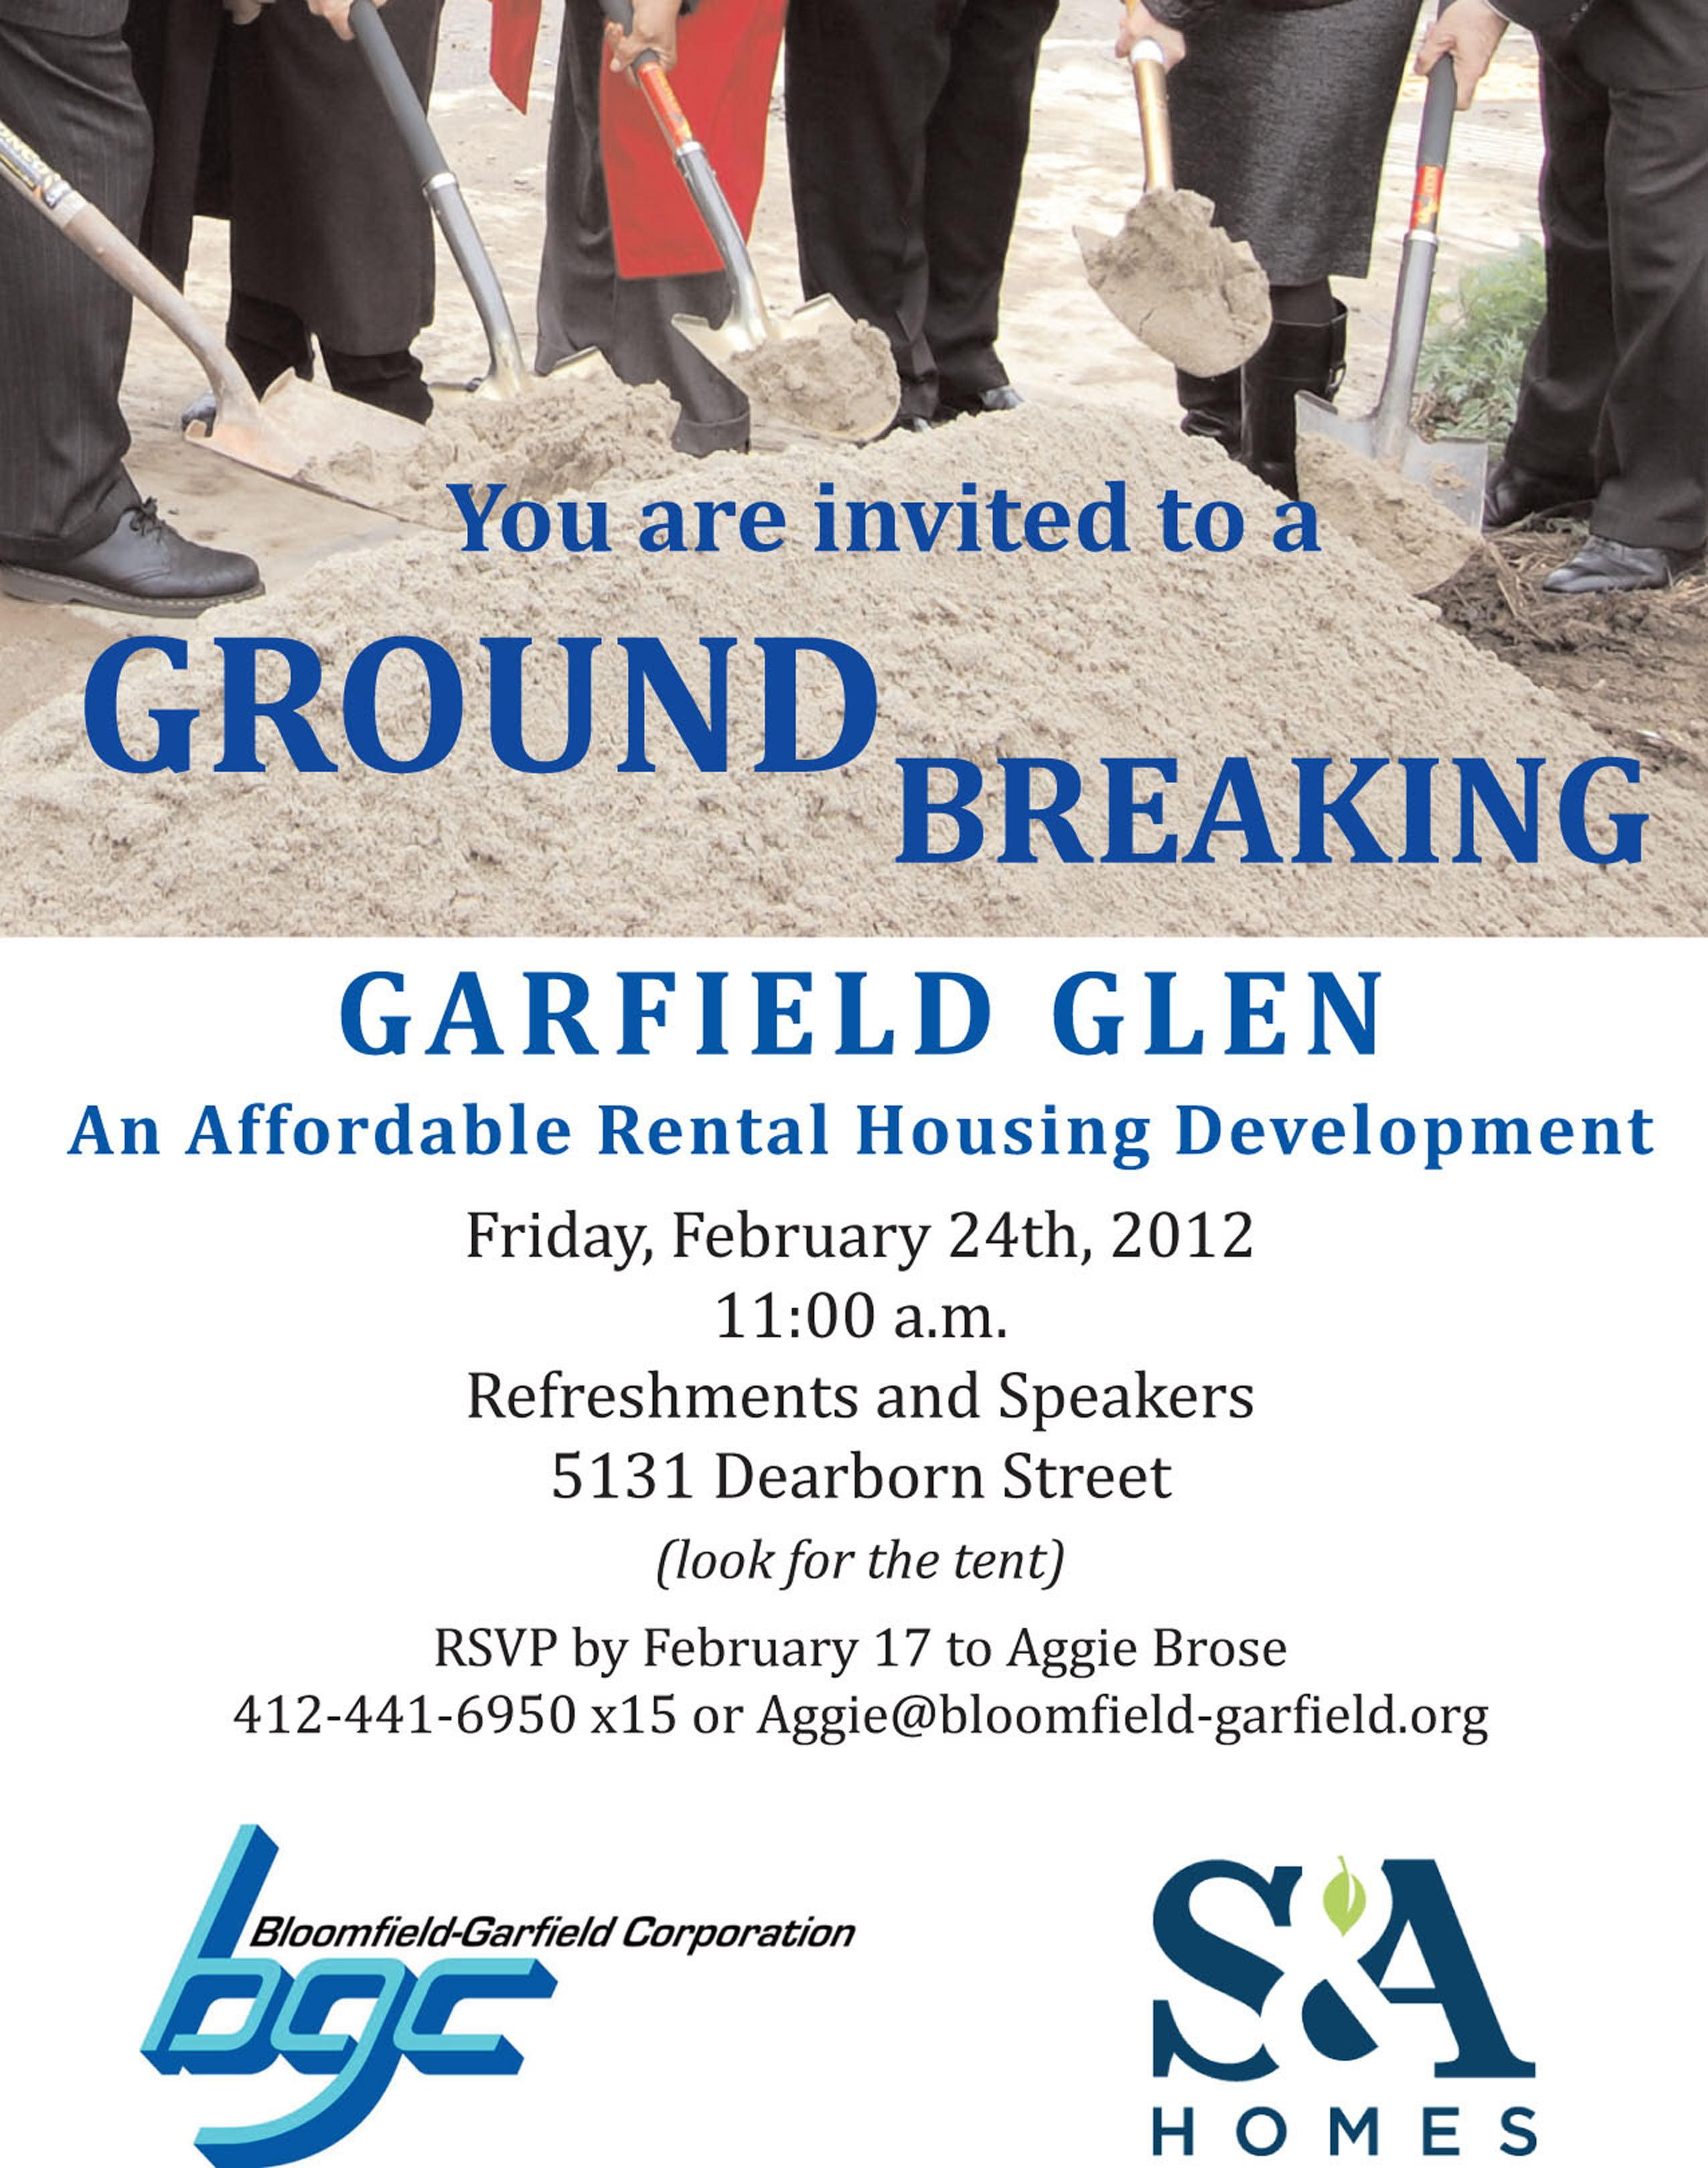 Groundbreaking Ceremony Invitations Related Keywords - Groundbreaking Ceremony Invitations Long ...